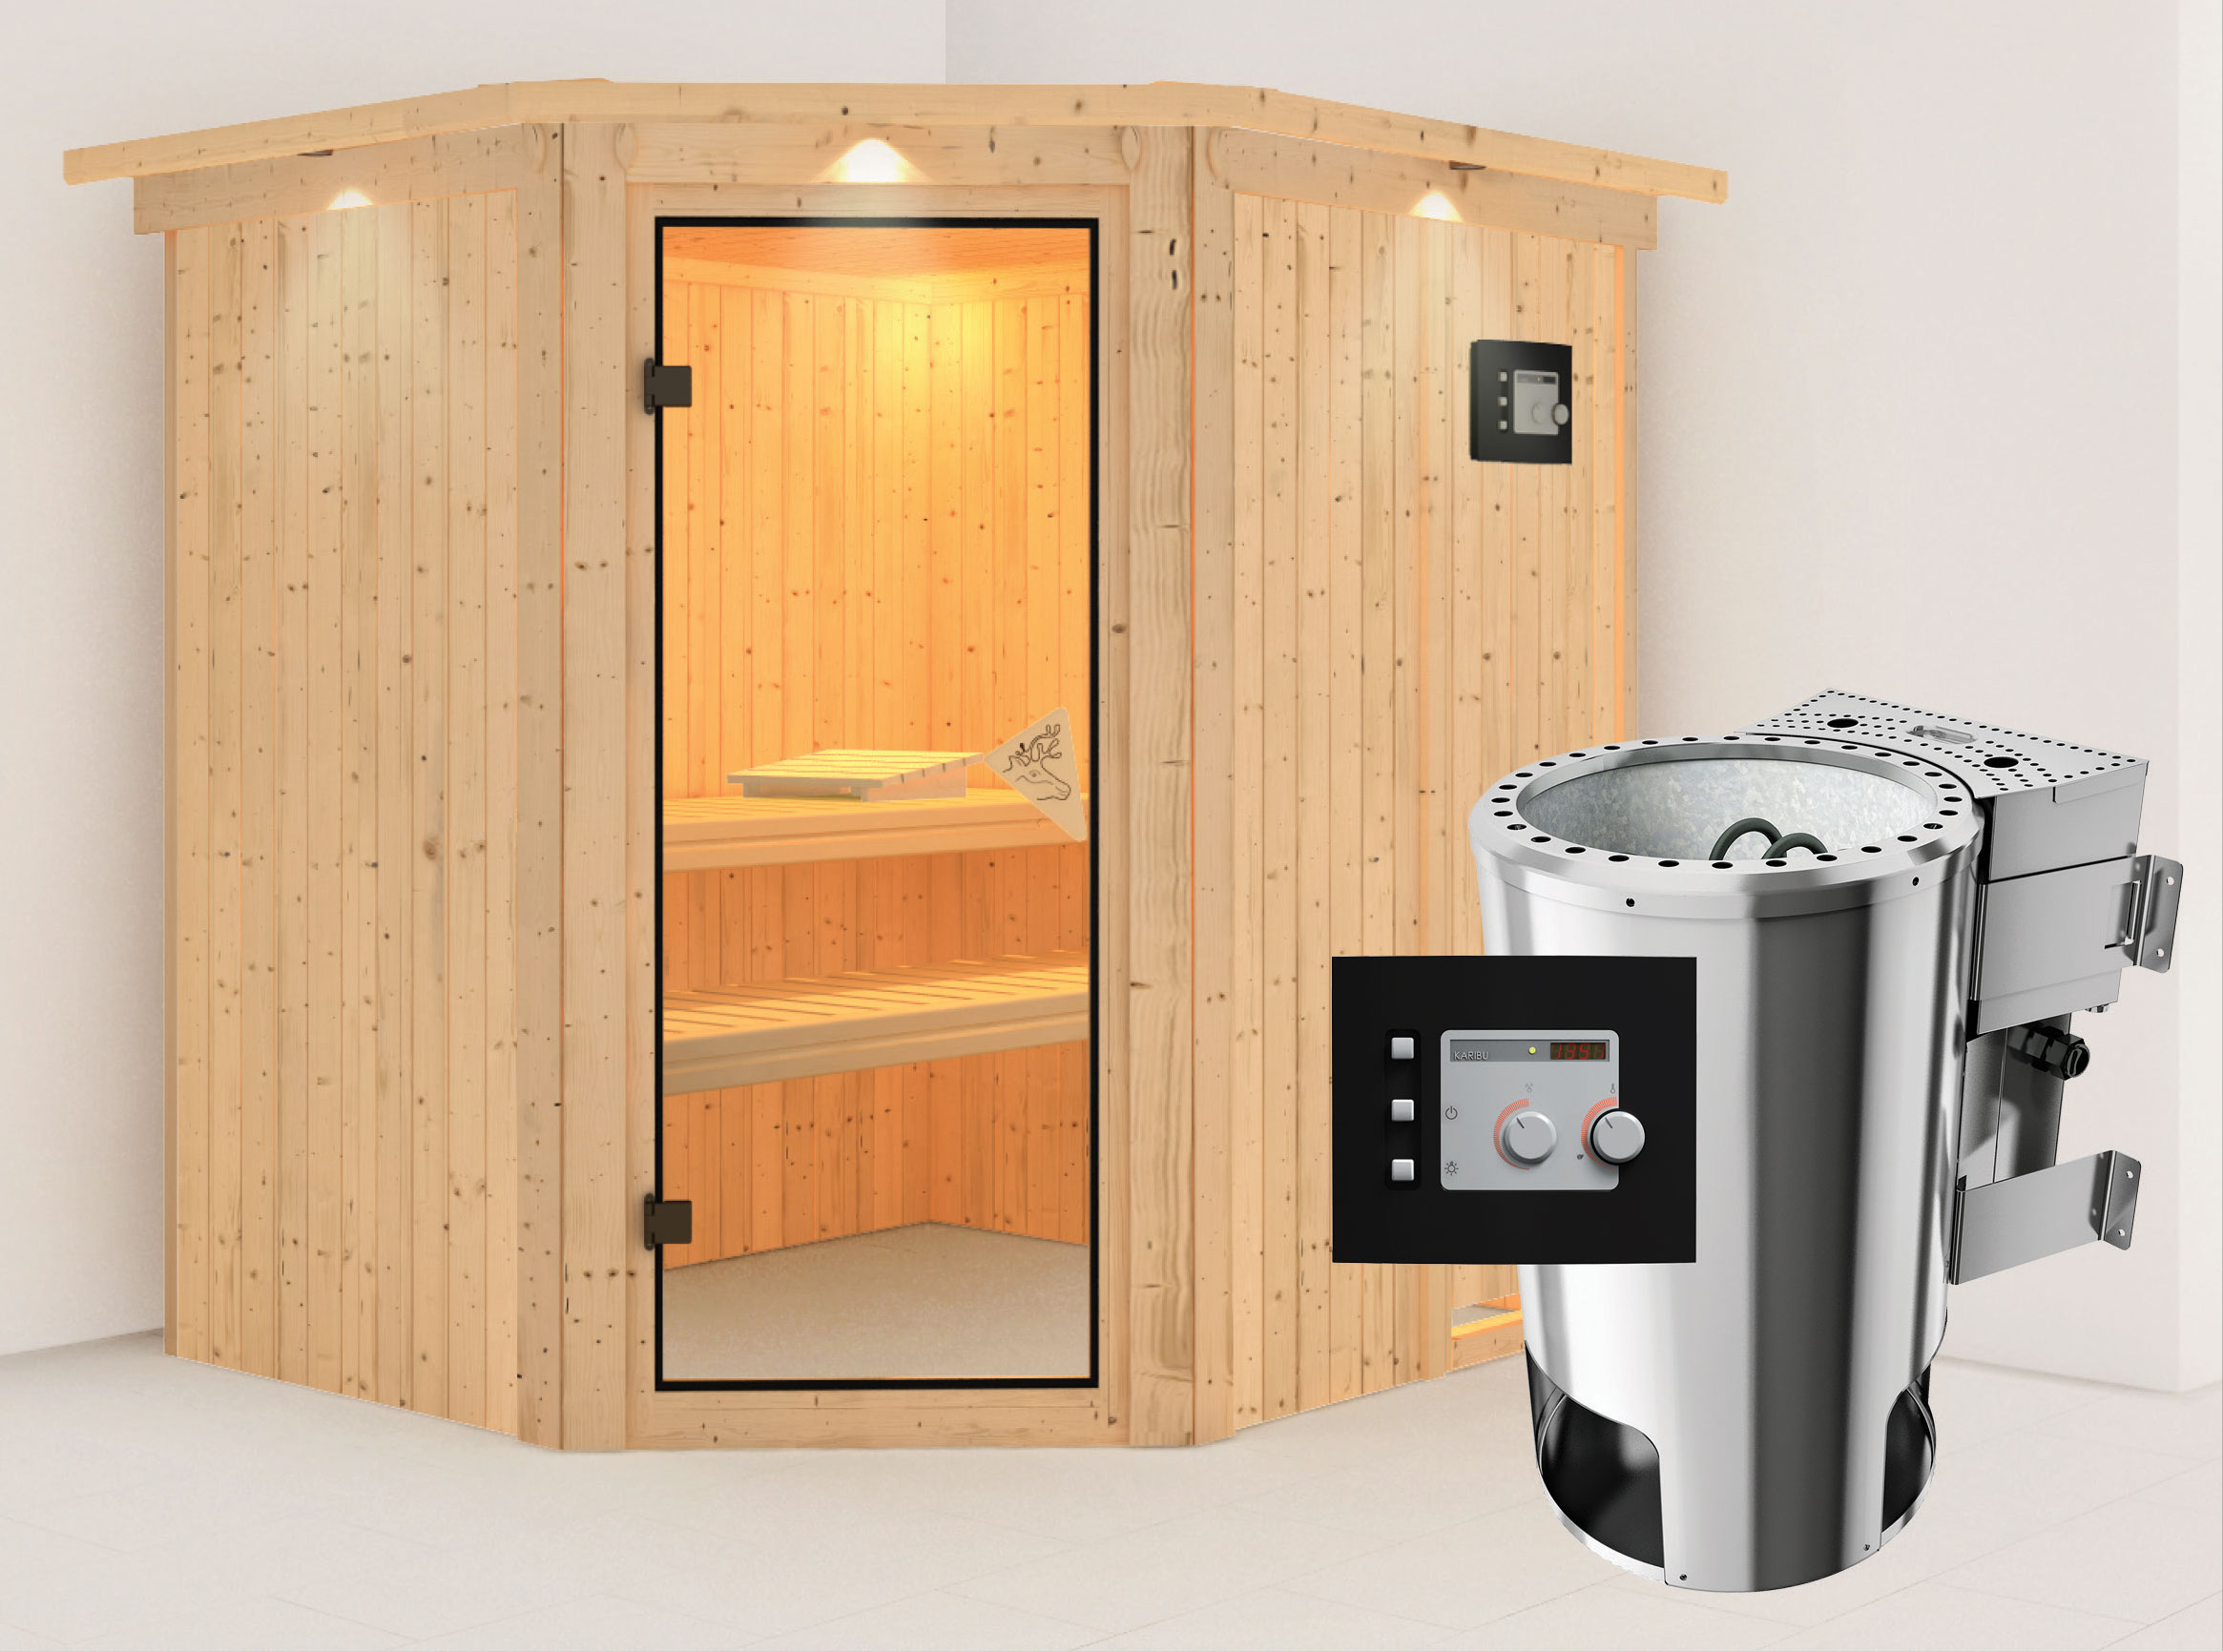 Karibu Sauna Lilja 68mm 230V Dachkranz + BioOfen 3,6kW ext classic Tür Bild 1